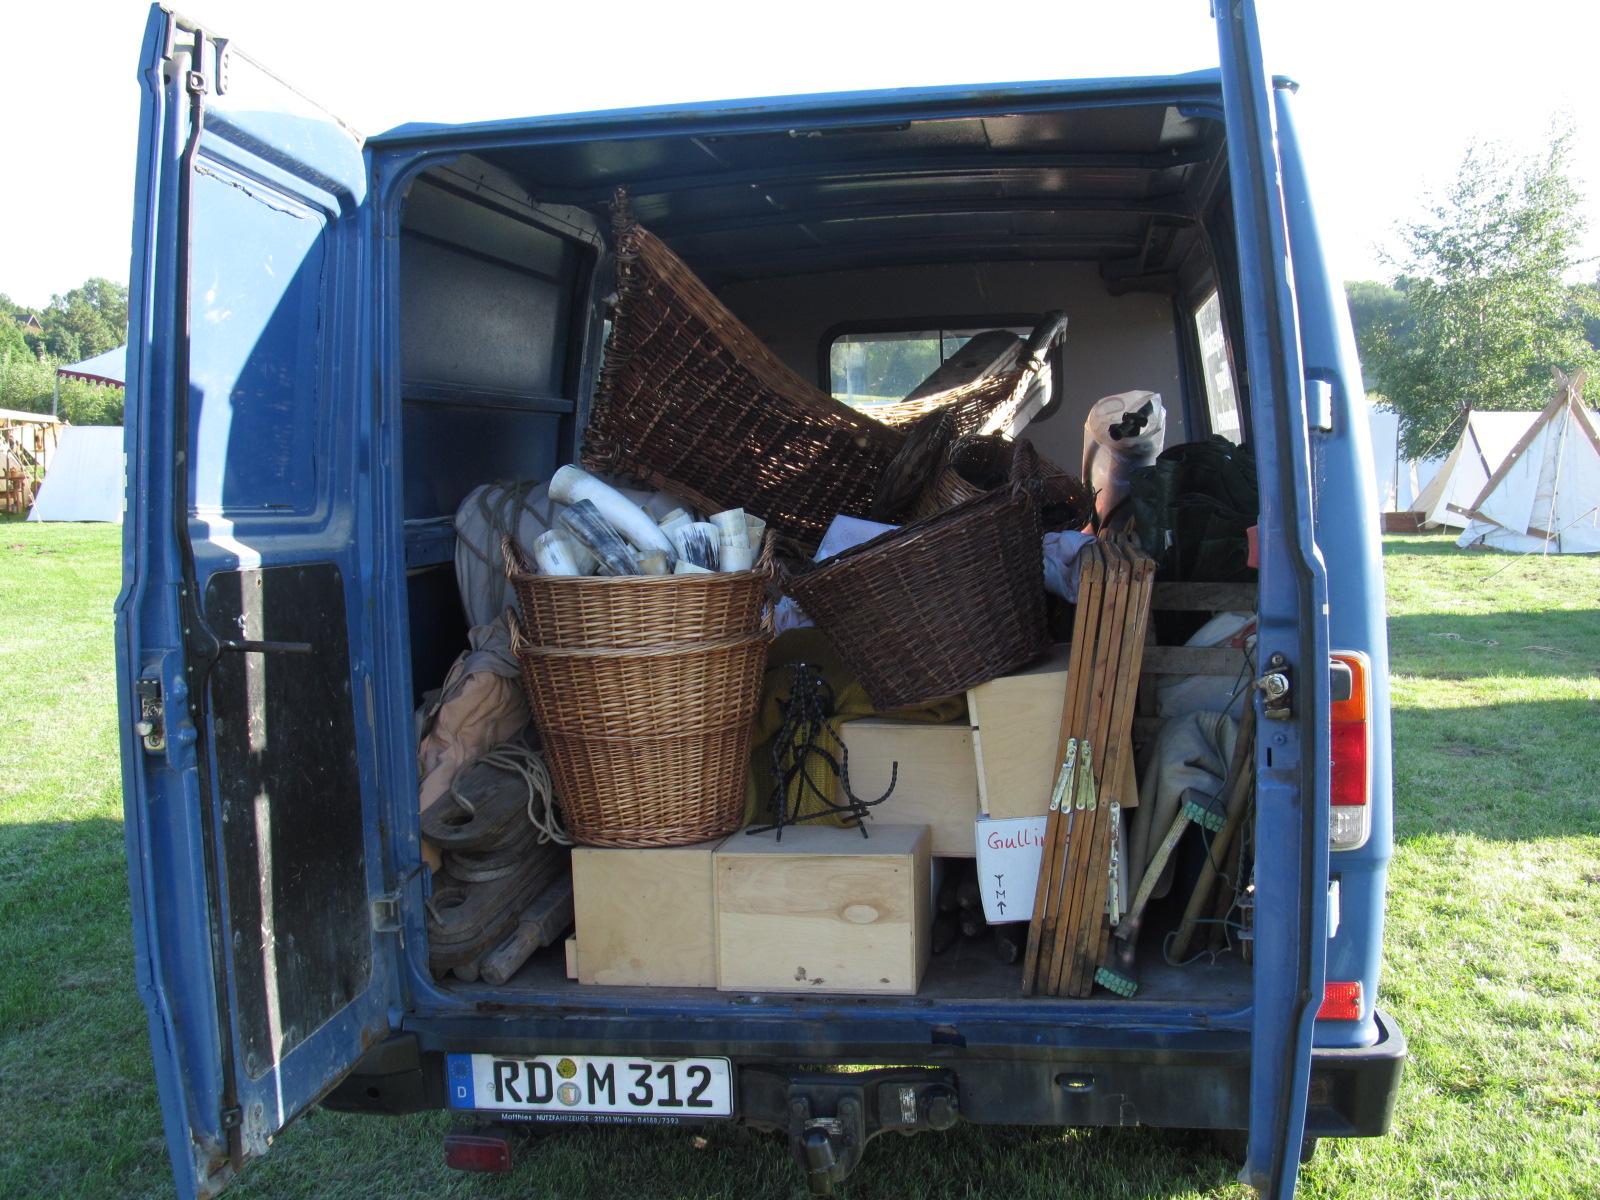 Blick in die geöffneten Hintertüren unseres Transporters auf ein Chaos aus Körben mit und ohne Ware, Holzkisten, Tischböcken, Planen, hölzernen Zeltplanken, Seilen und Tüchern.